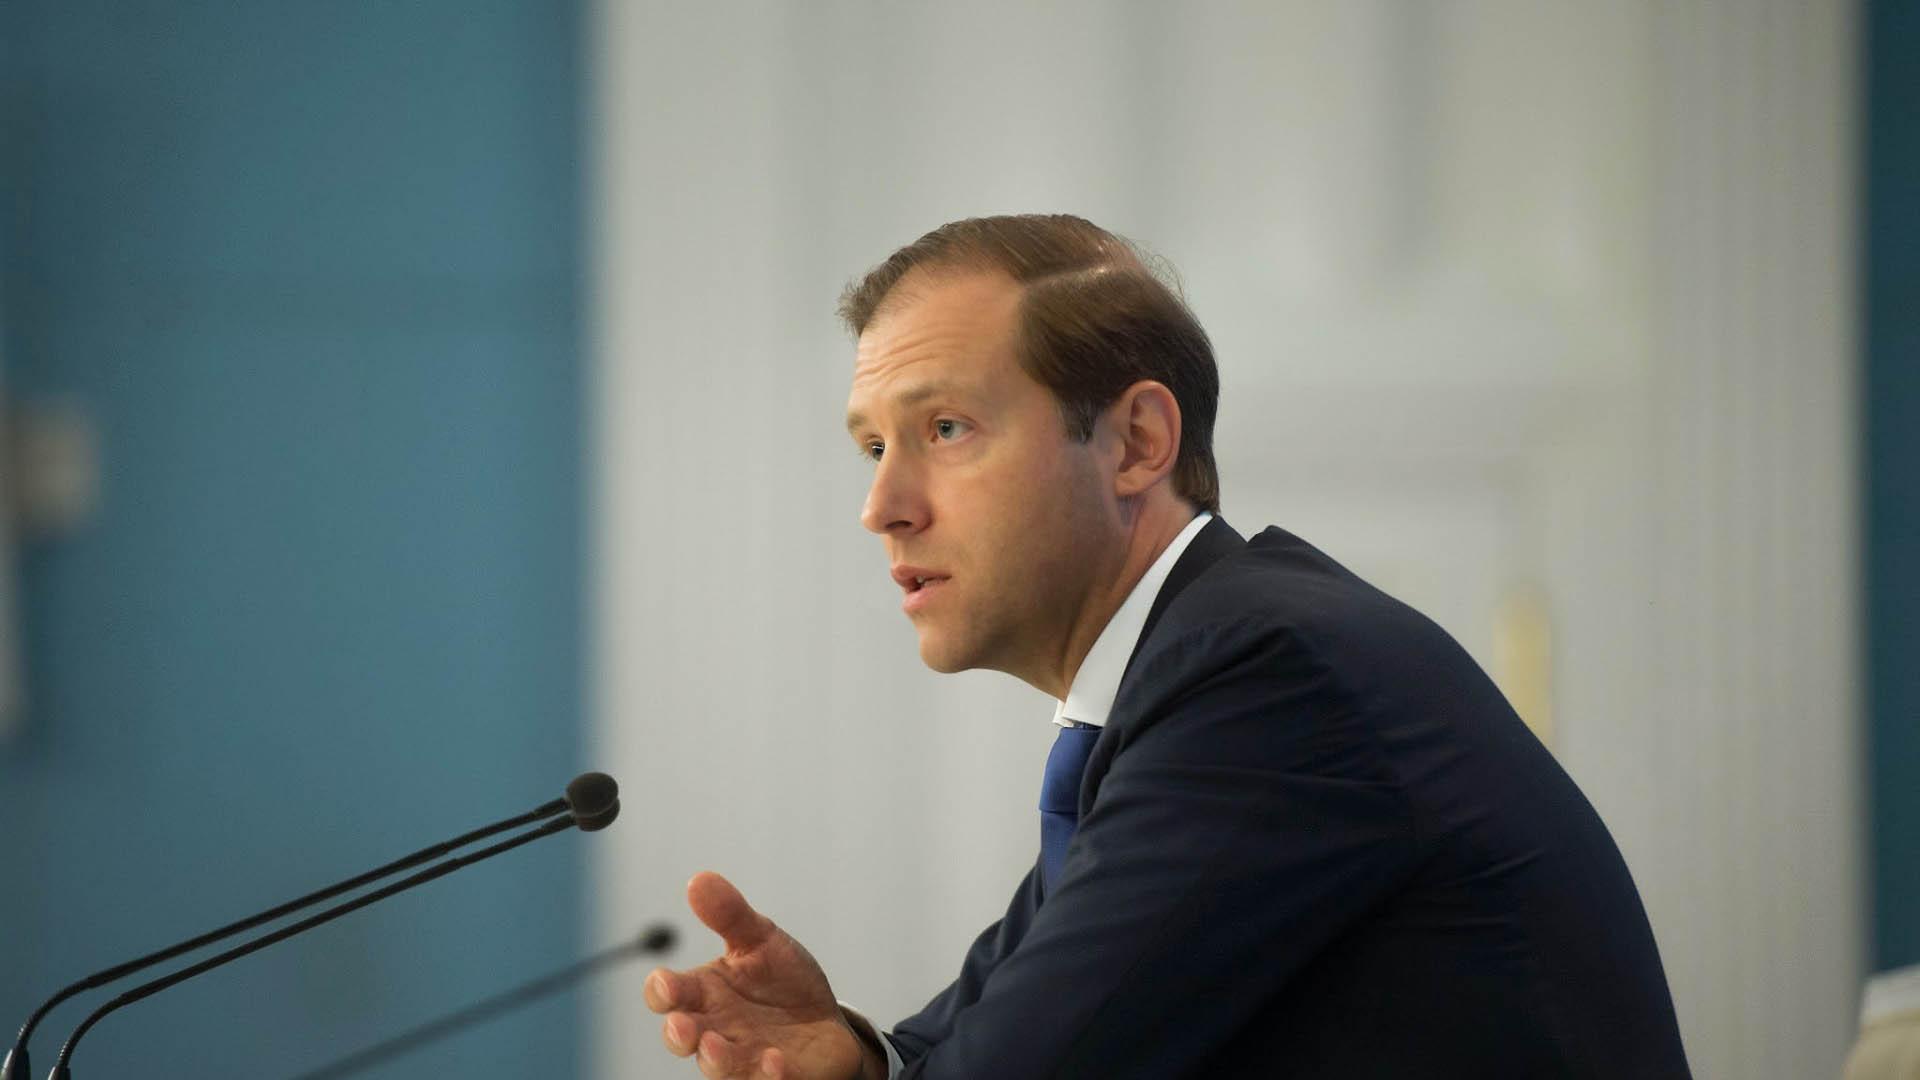 Лизинг станет доступнее: министр Минпромторга анонсировал запуск программы господдержки автомобилей